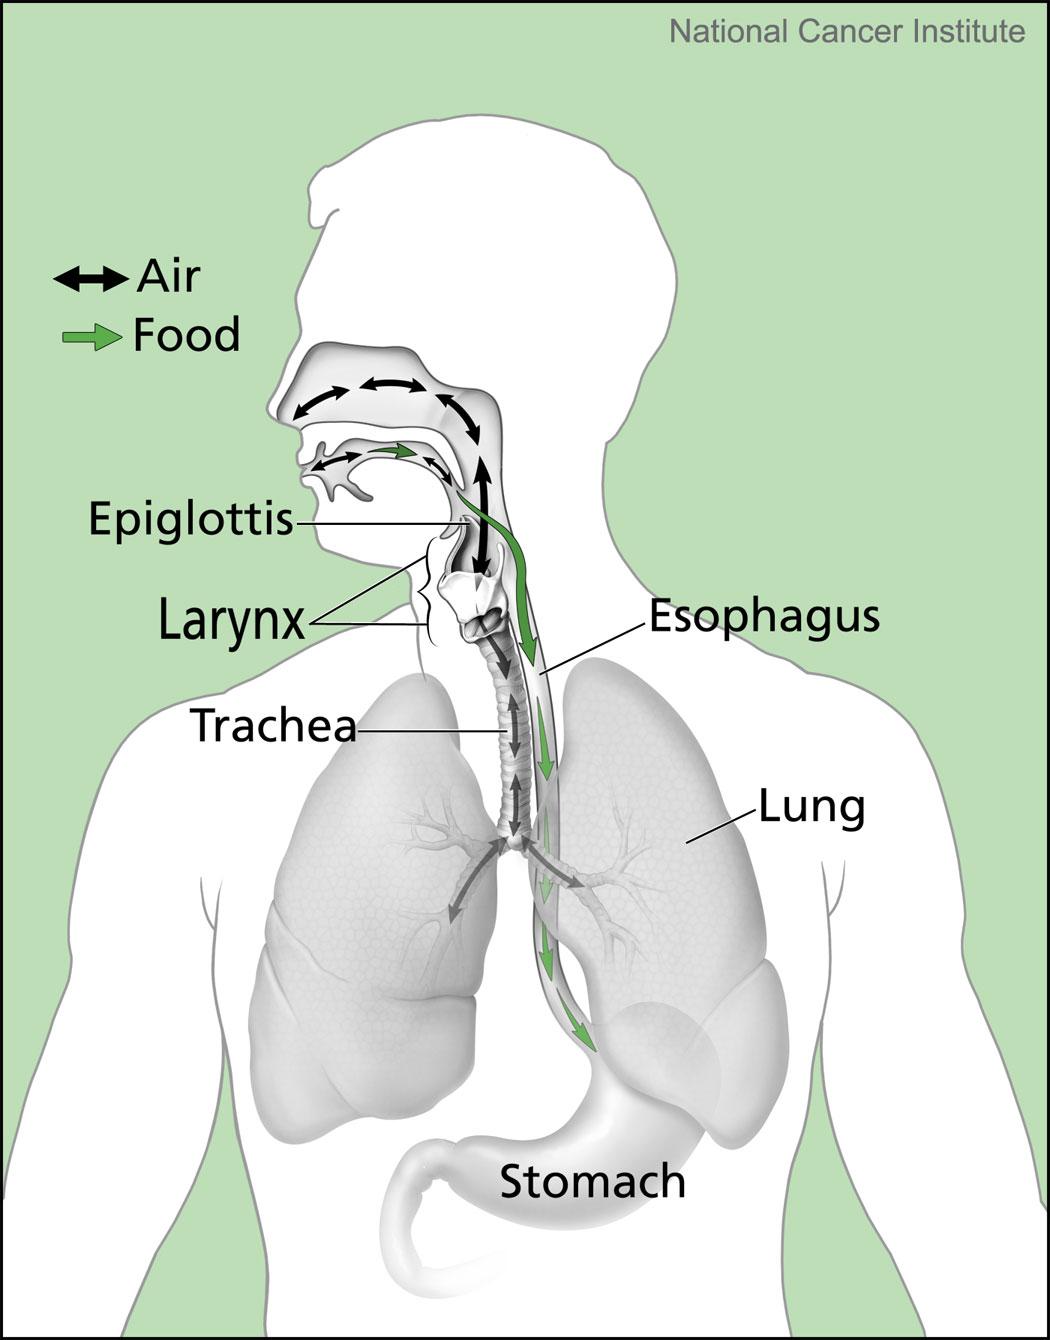 20190329-nci-esophagus-diagram